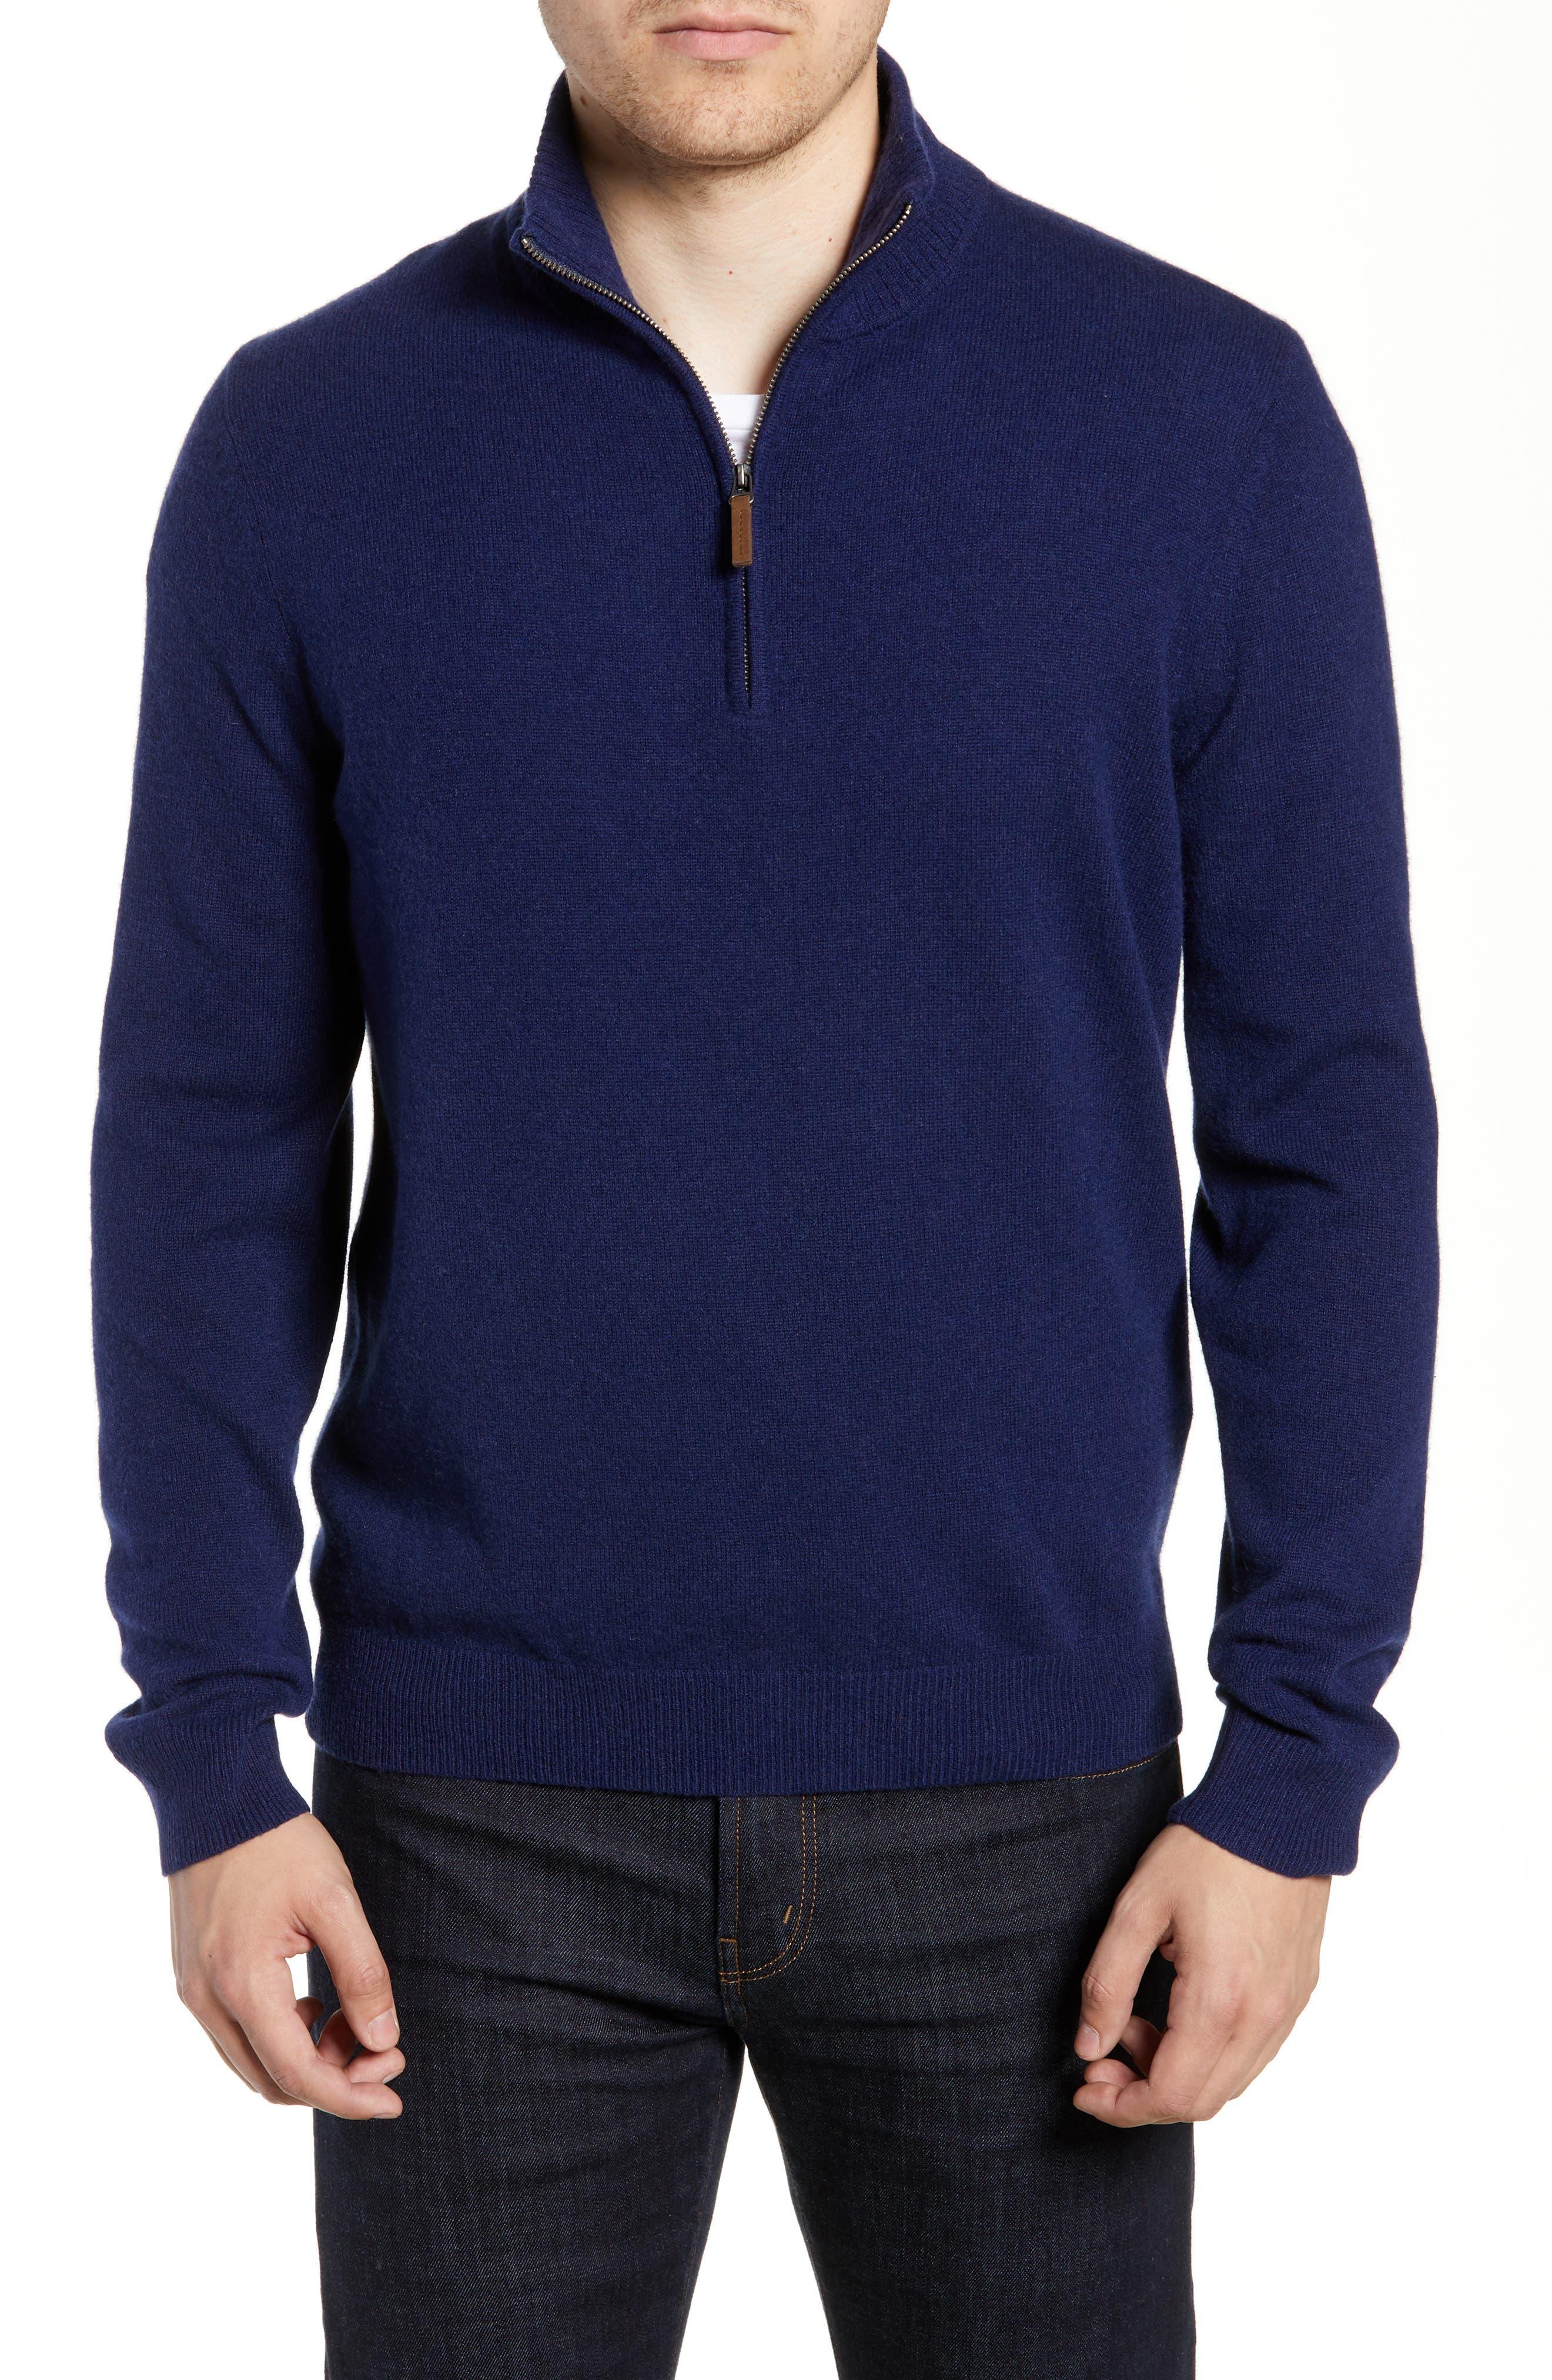 Cashmere Quarter Zip Sweater,                             Main thumbnail 1, color,                             410